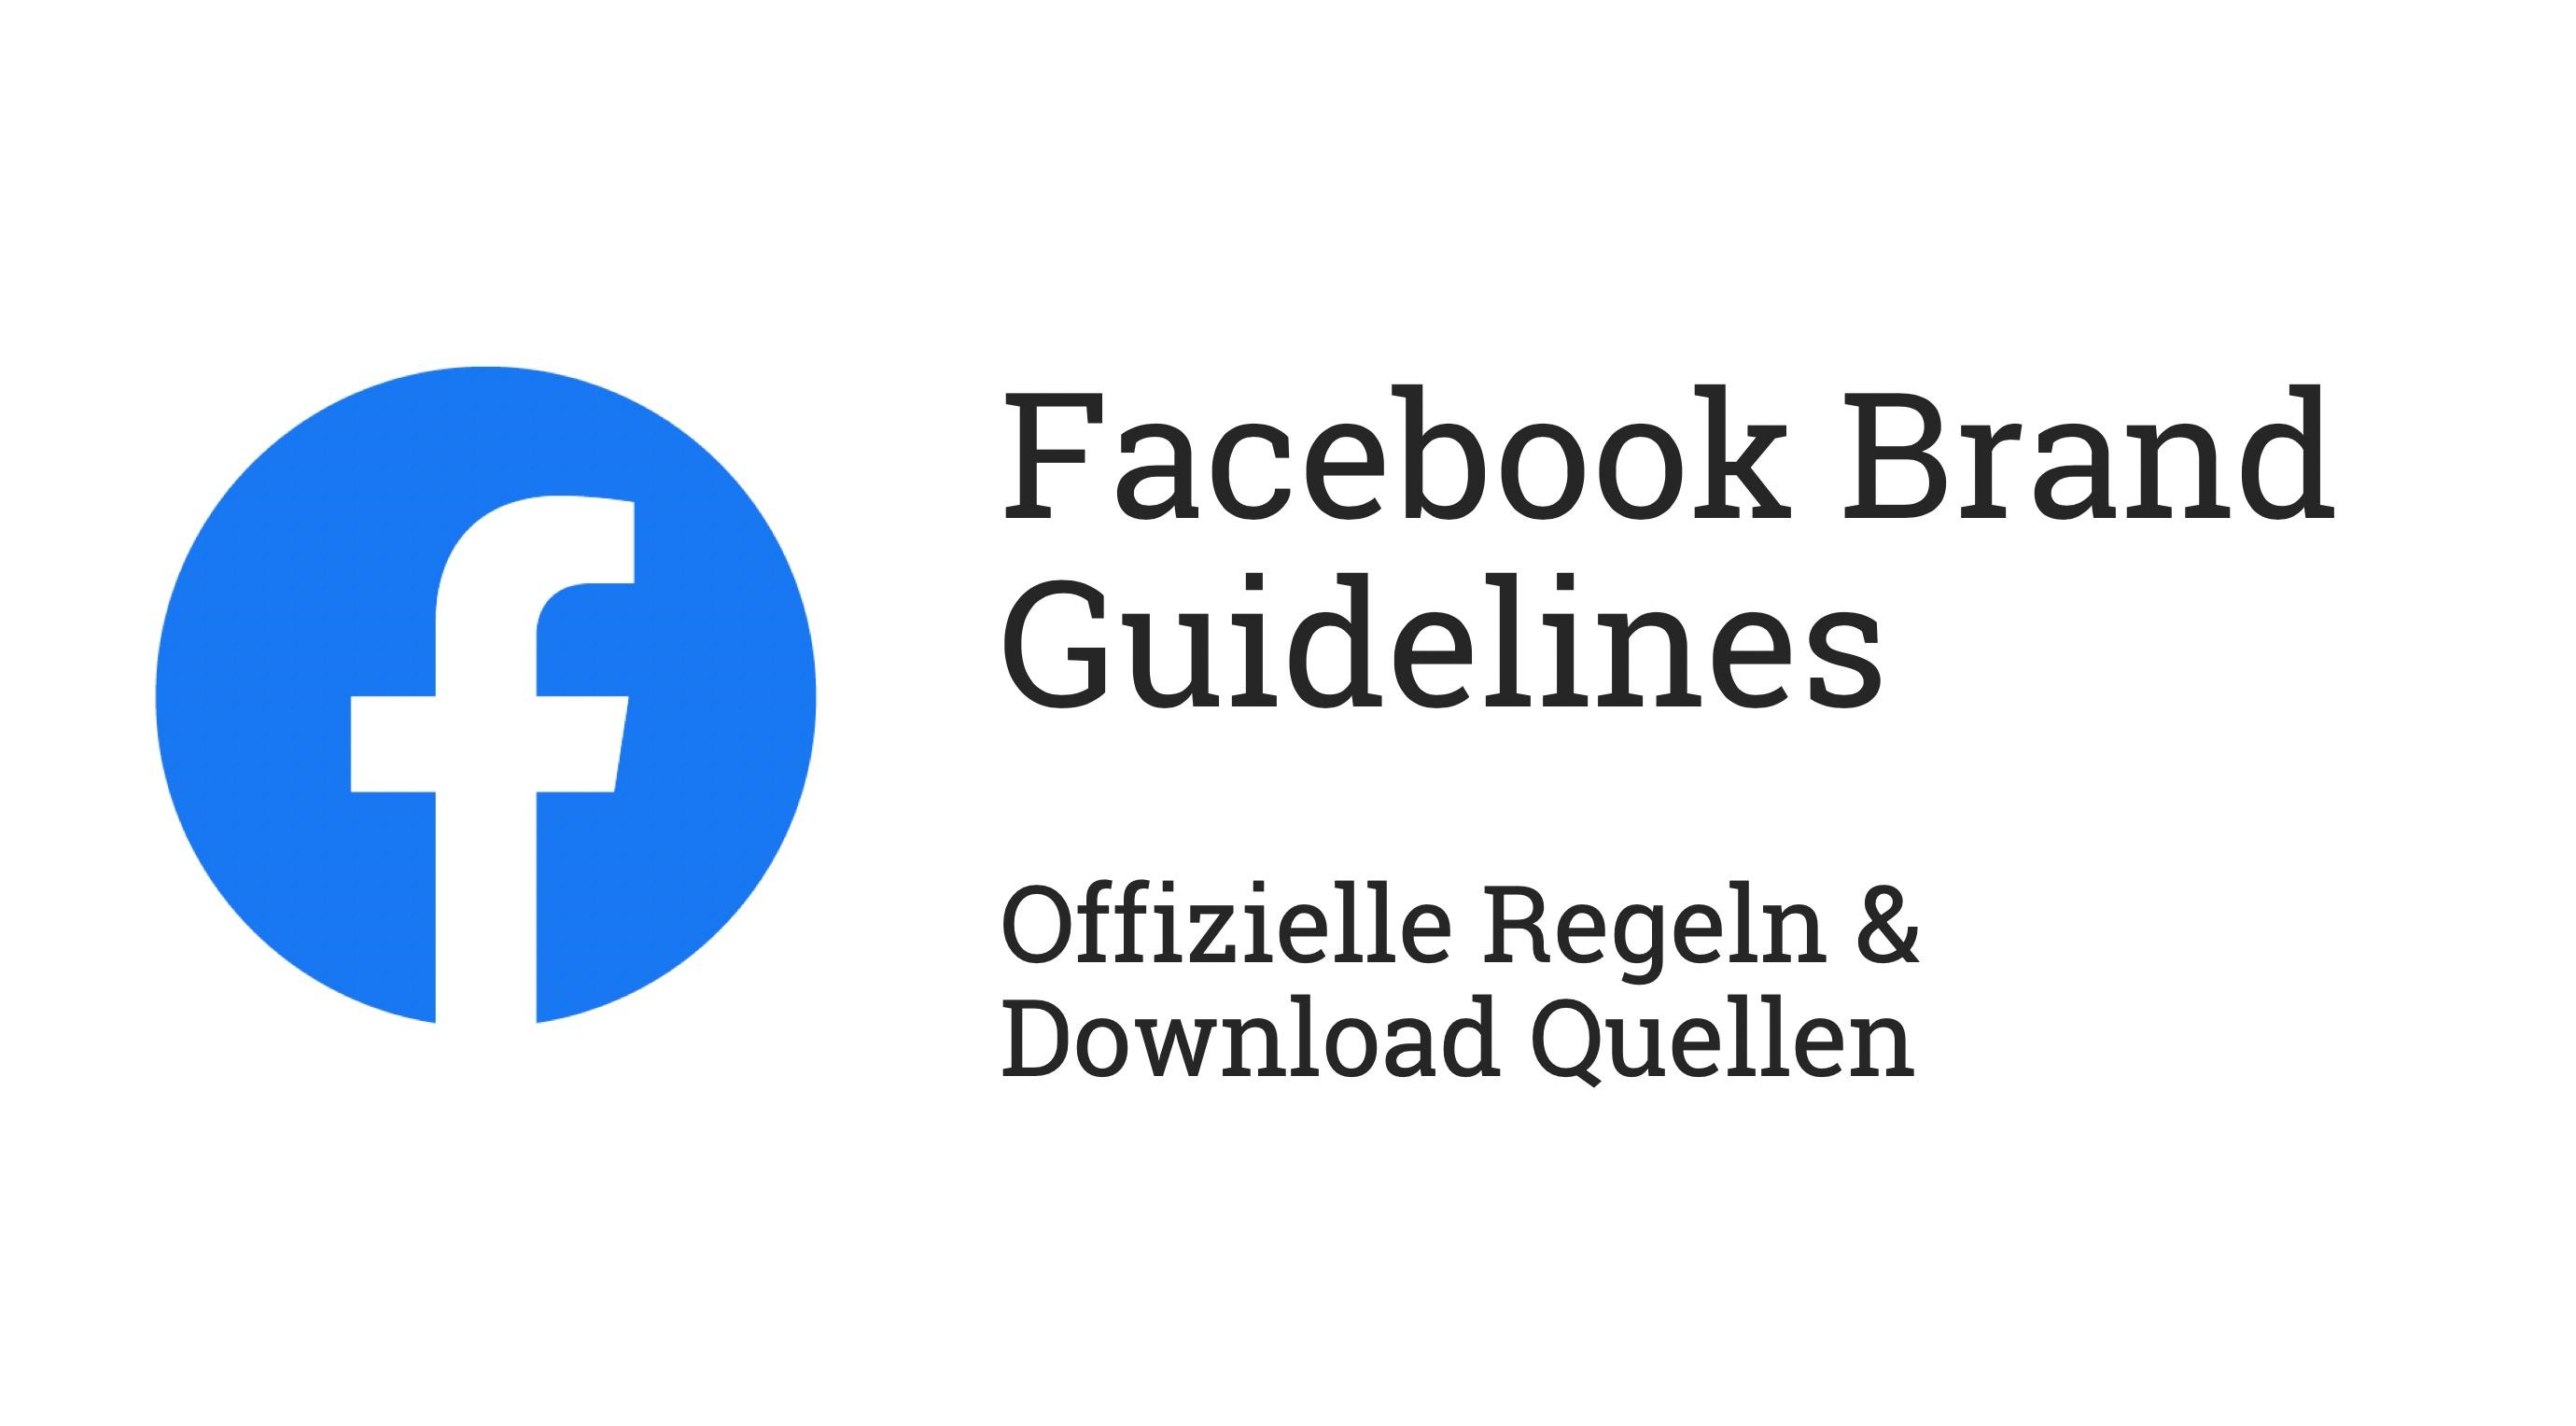 Richtlinien Für Die Nutzung Des Facebook Logos Und Anderen